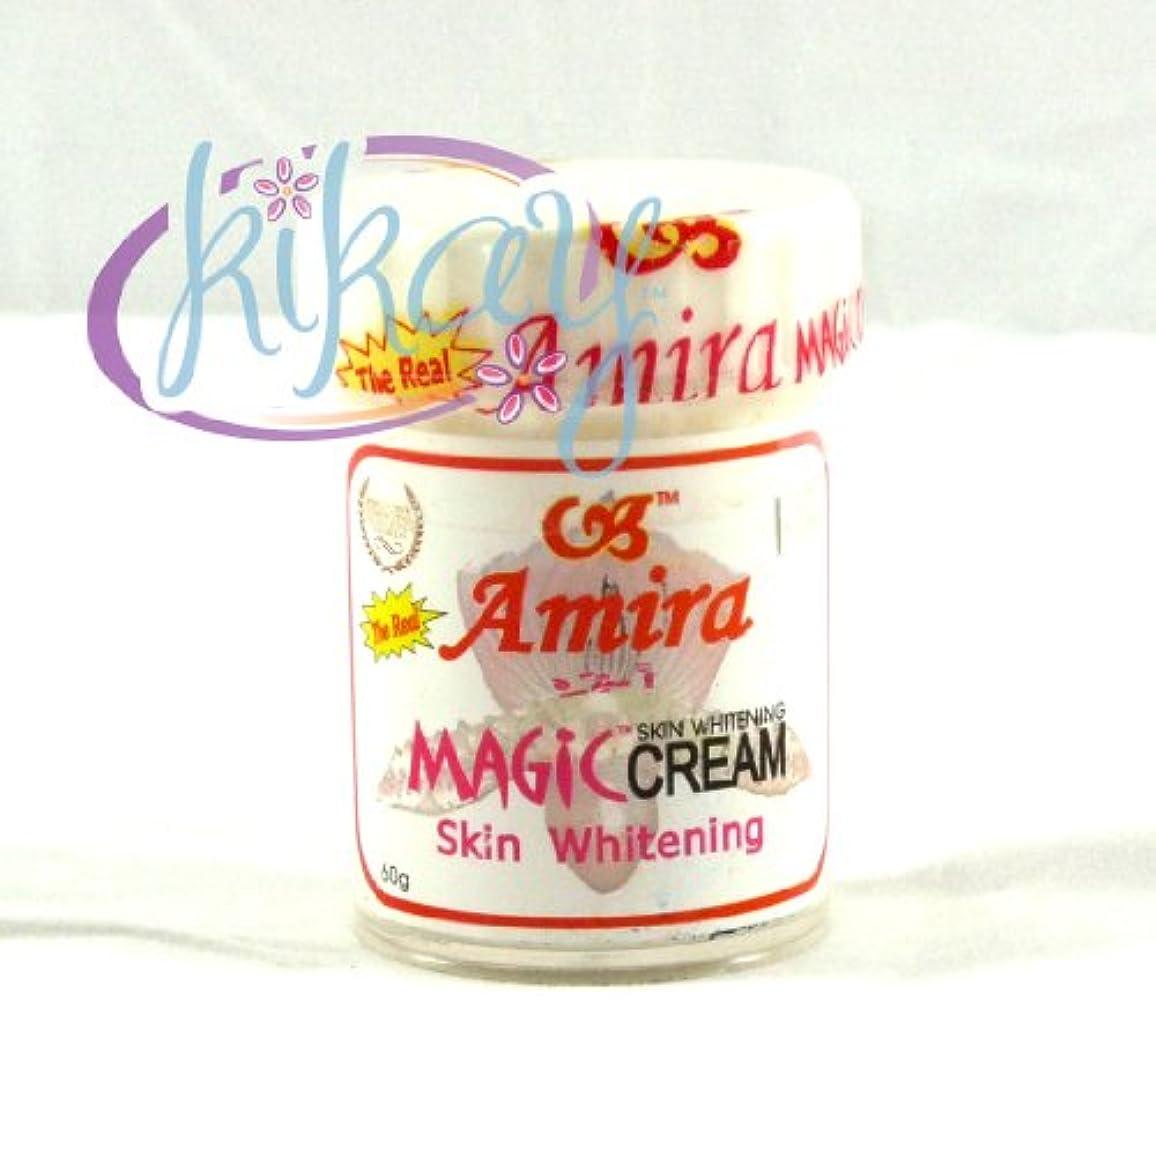 控えめな姿を消す東AMIRA THE REAL MAGIC CREAM【SKIN WHITENING CREAM 60g】PHILIPPINES〈スキン ホワイトニング クリーム〉フィリピン